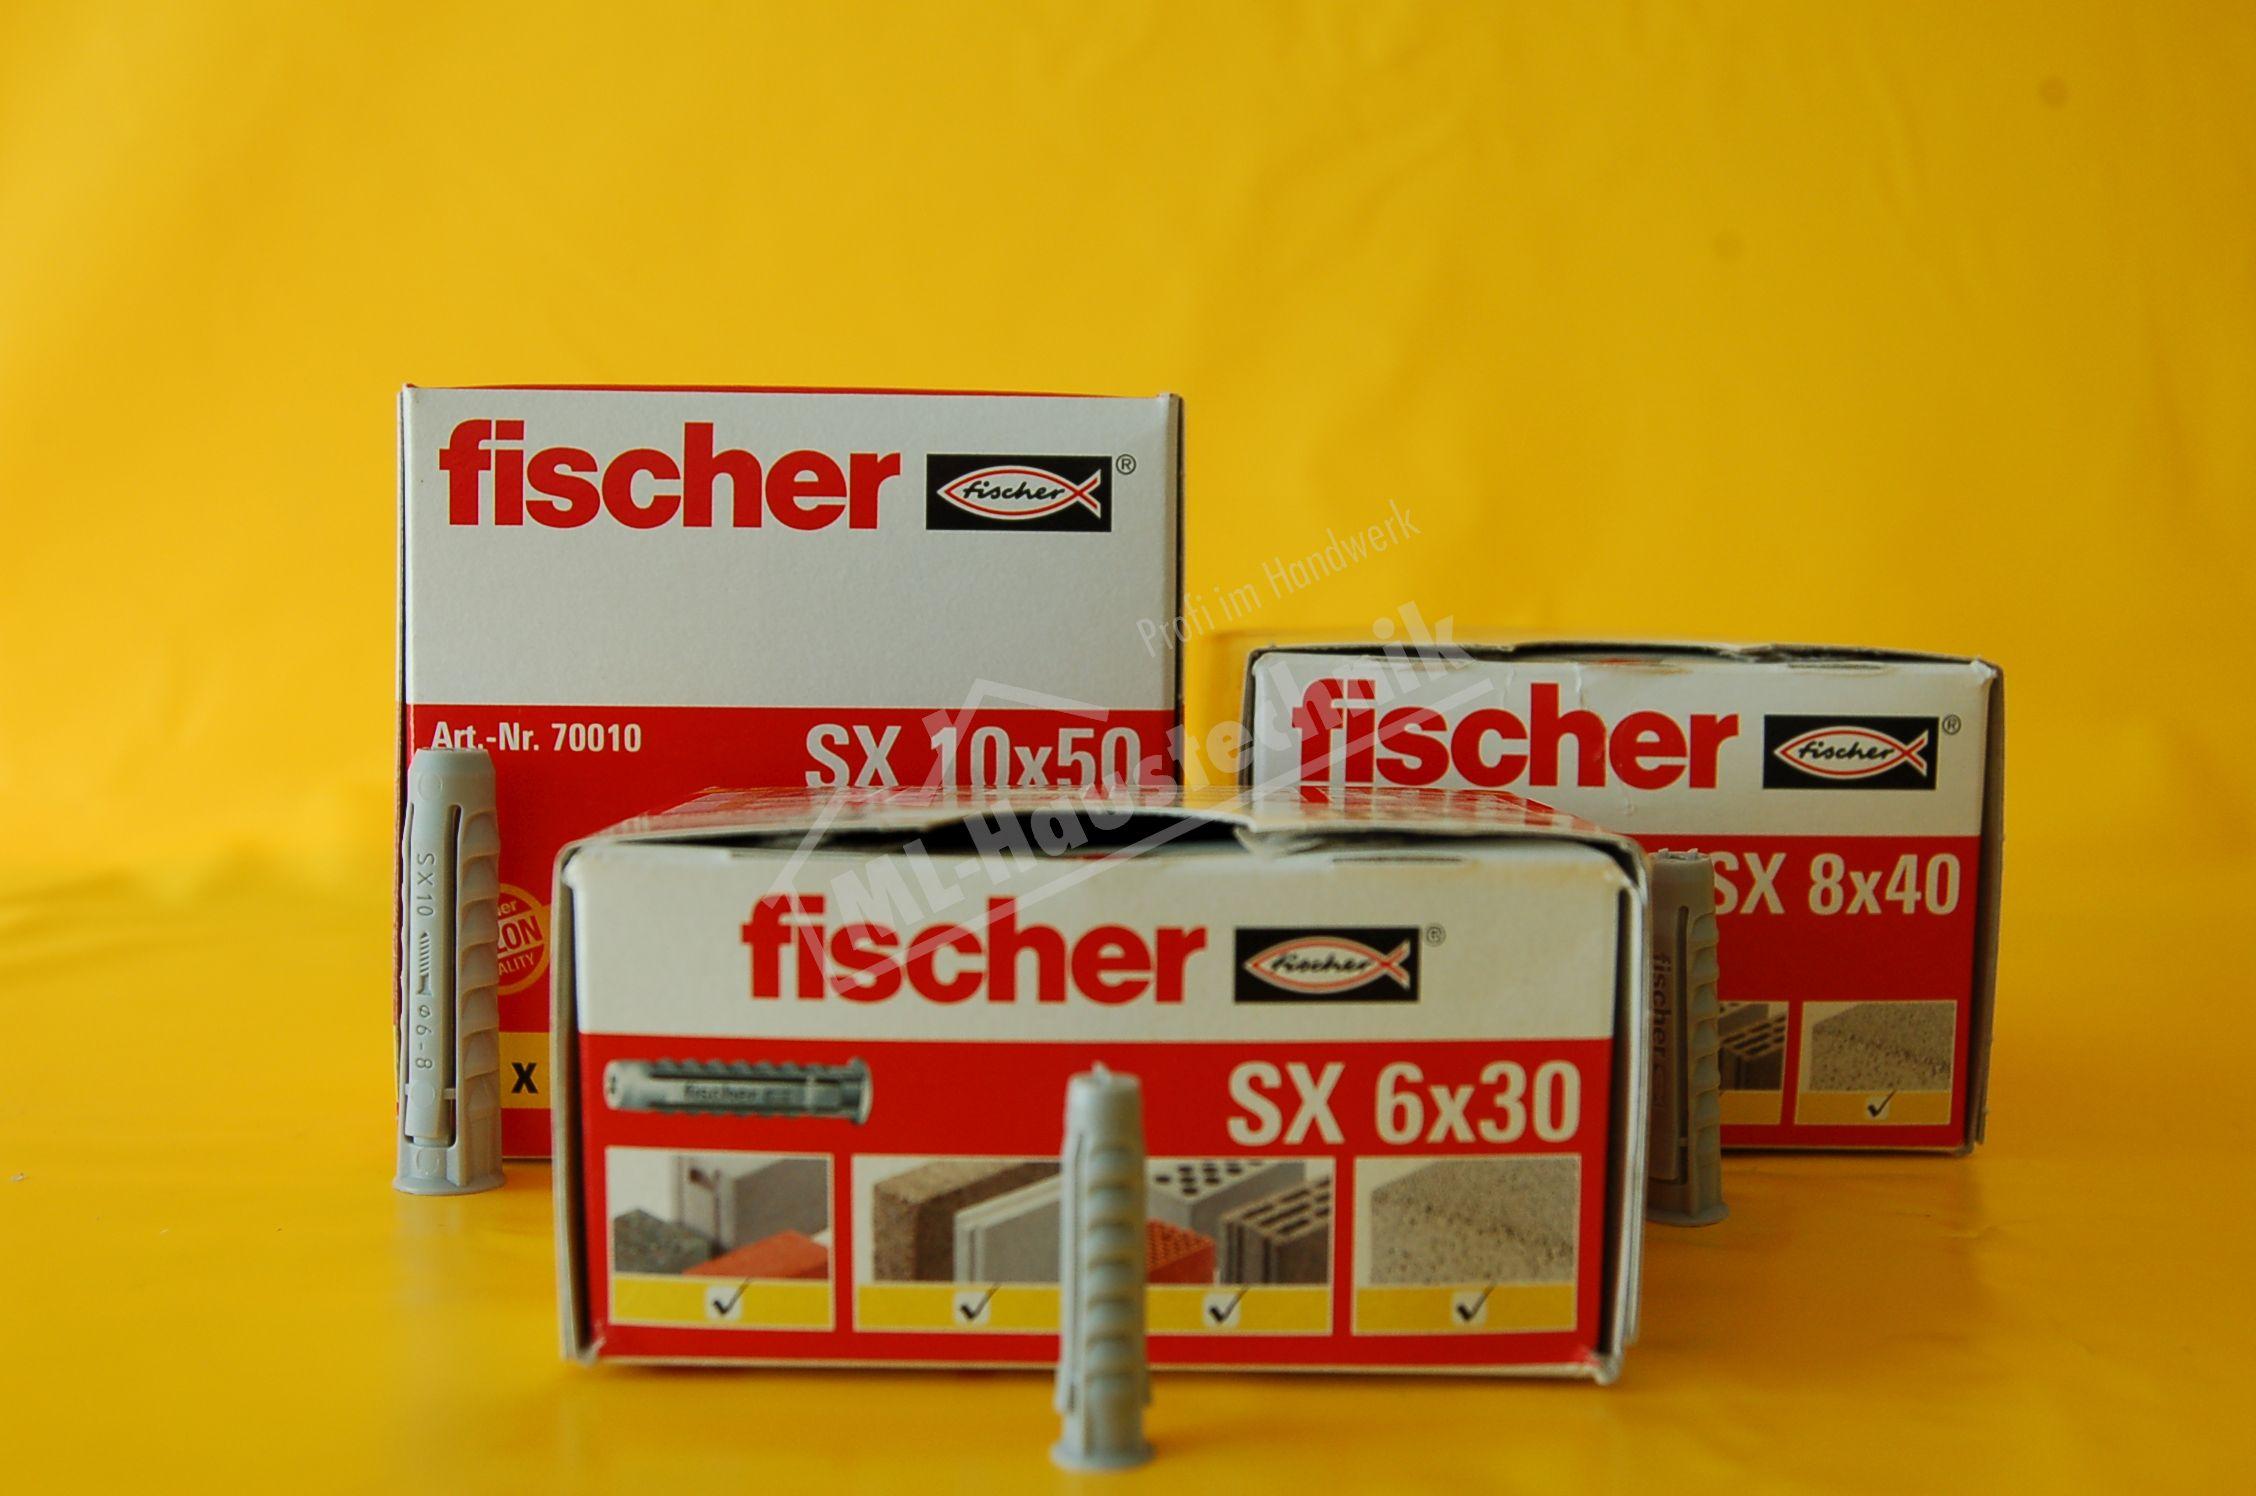 10x Stück Fischerdübel Typ SX 6, 8, 10 Dübel Fischer (10) für Stockschrauben M8